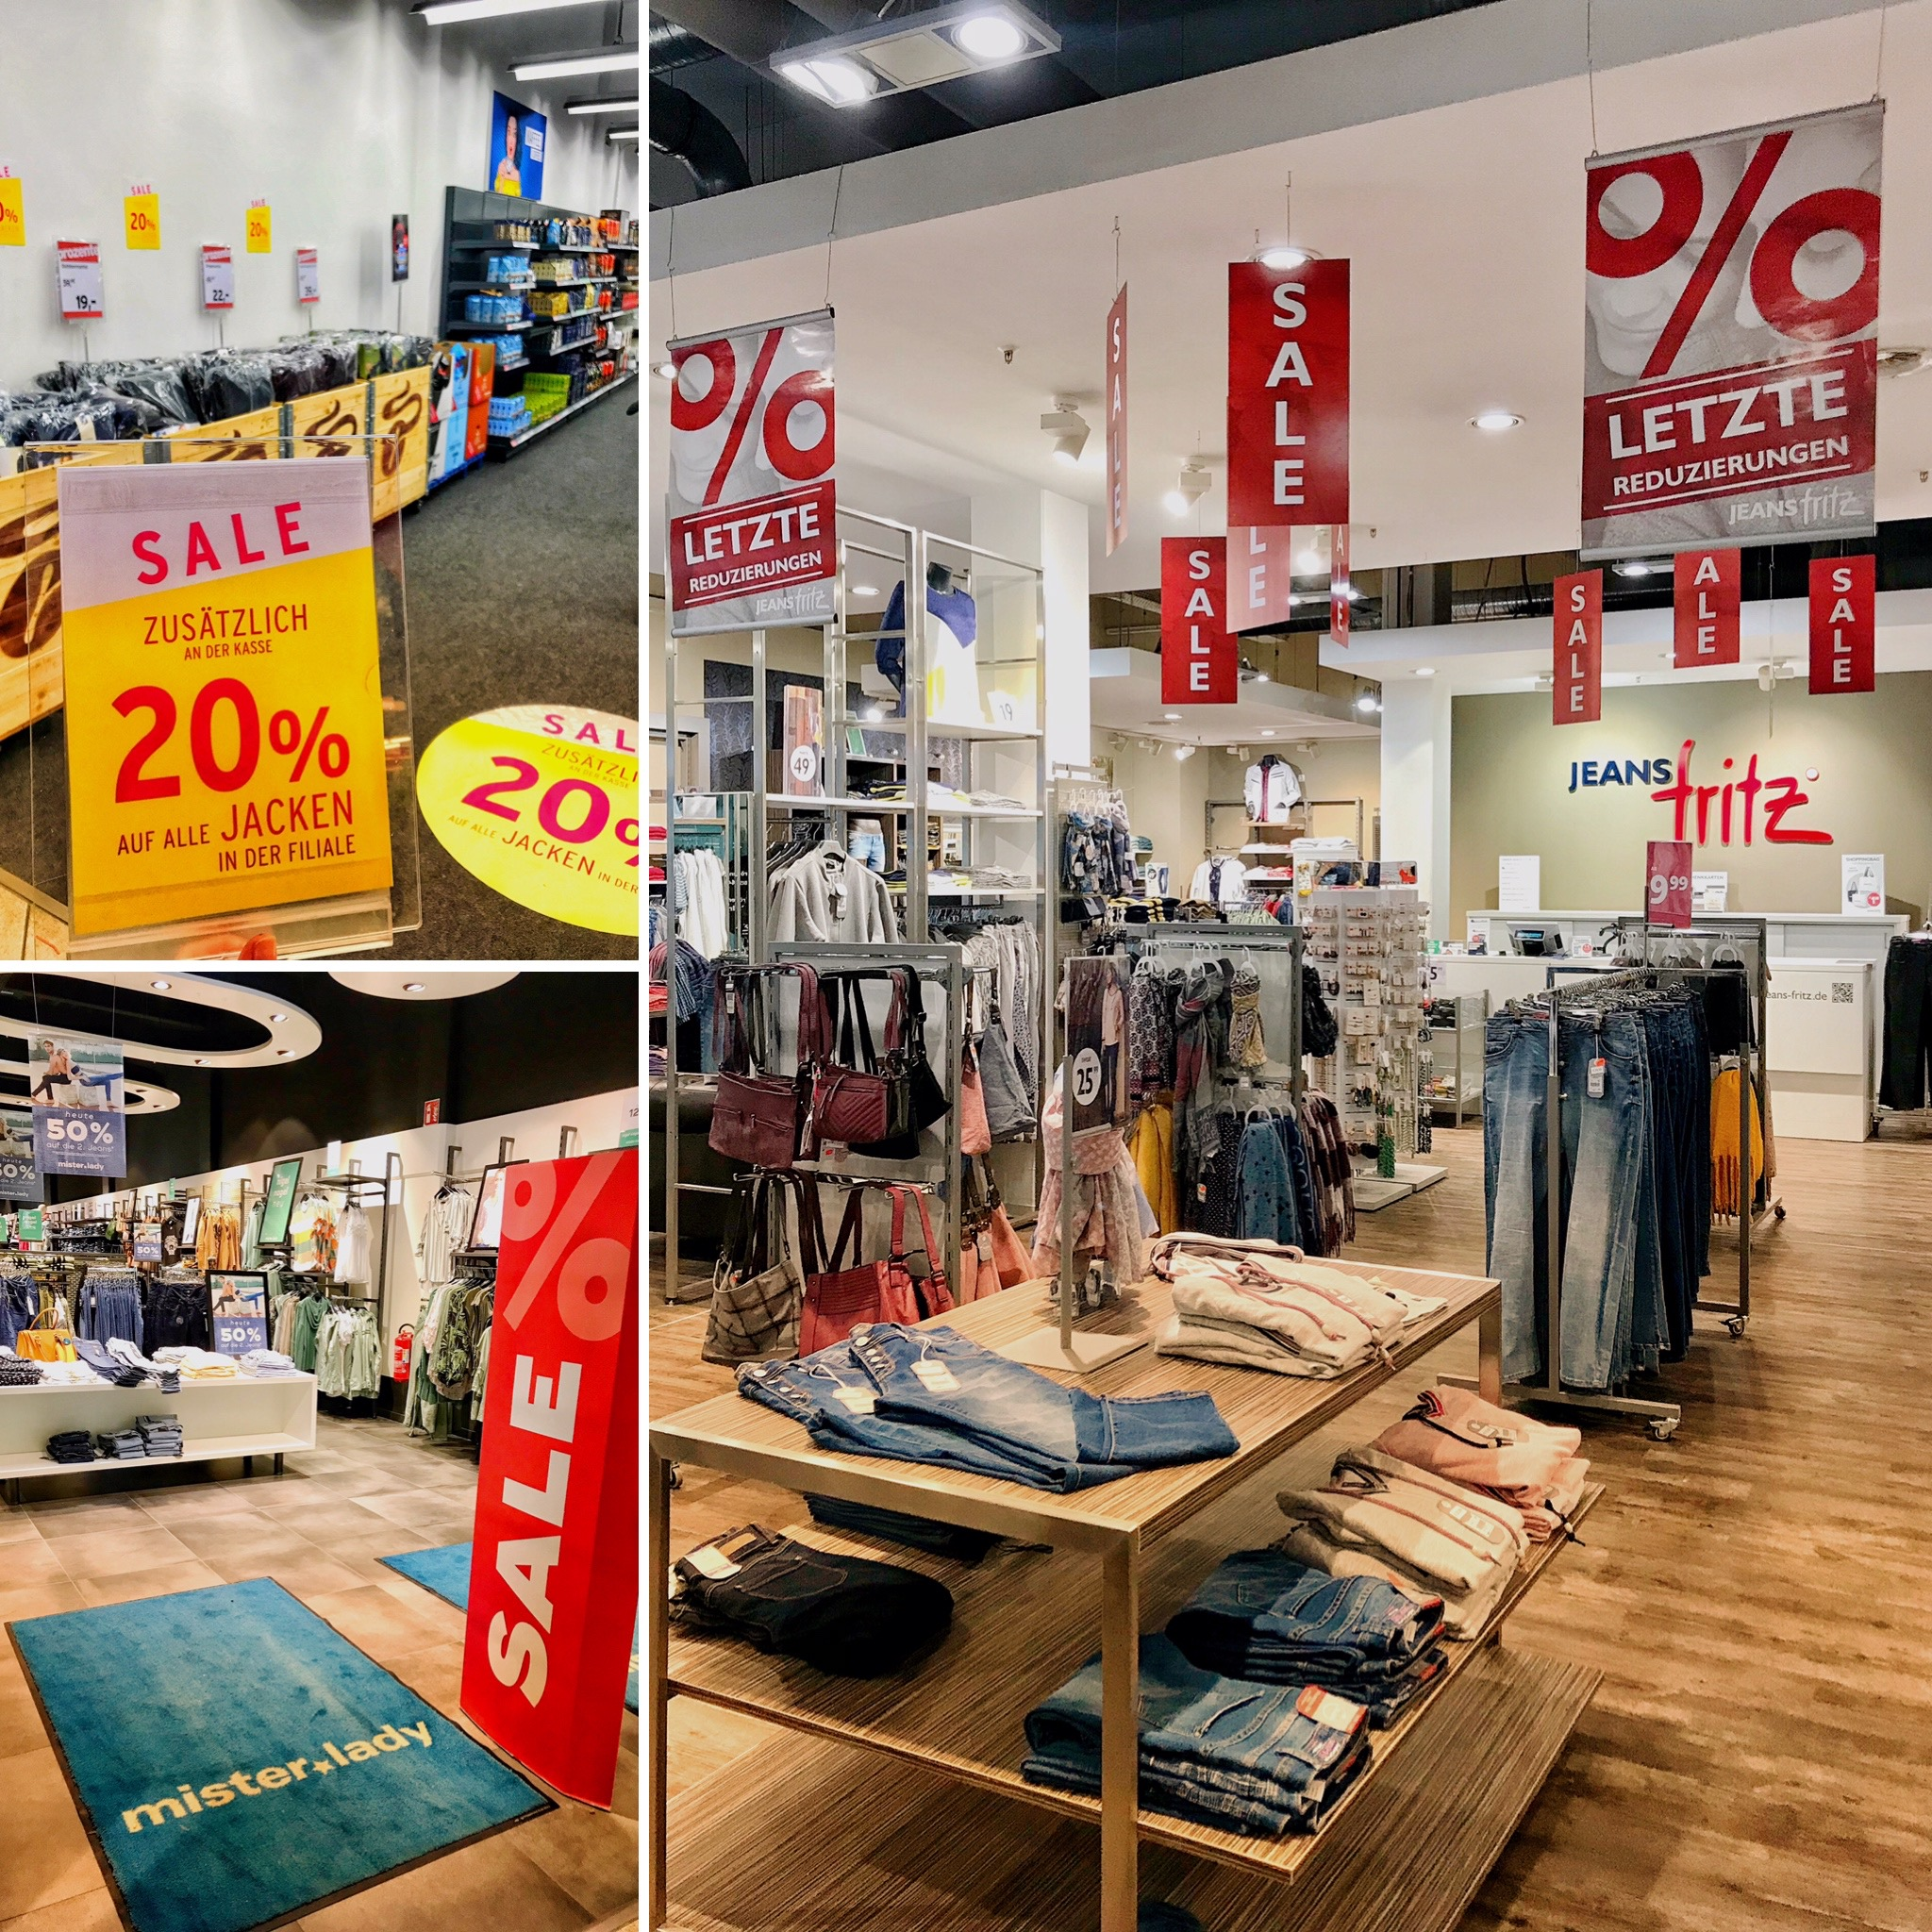 SALE SALE SALE in vielen Geschäften